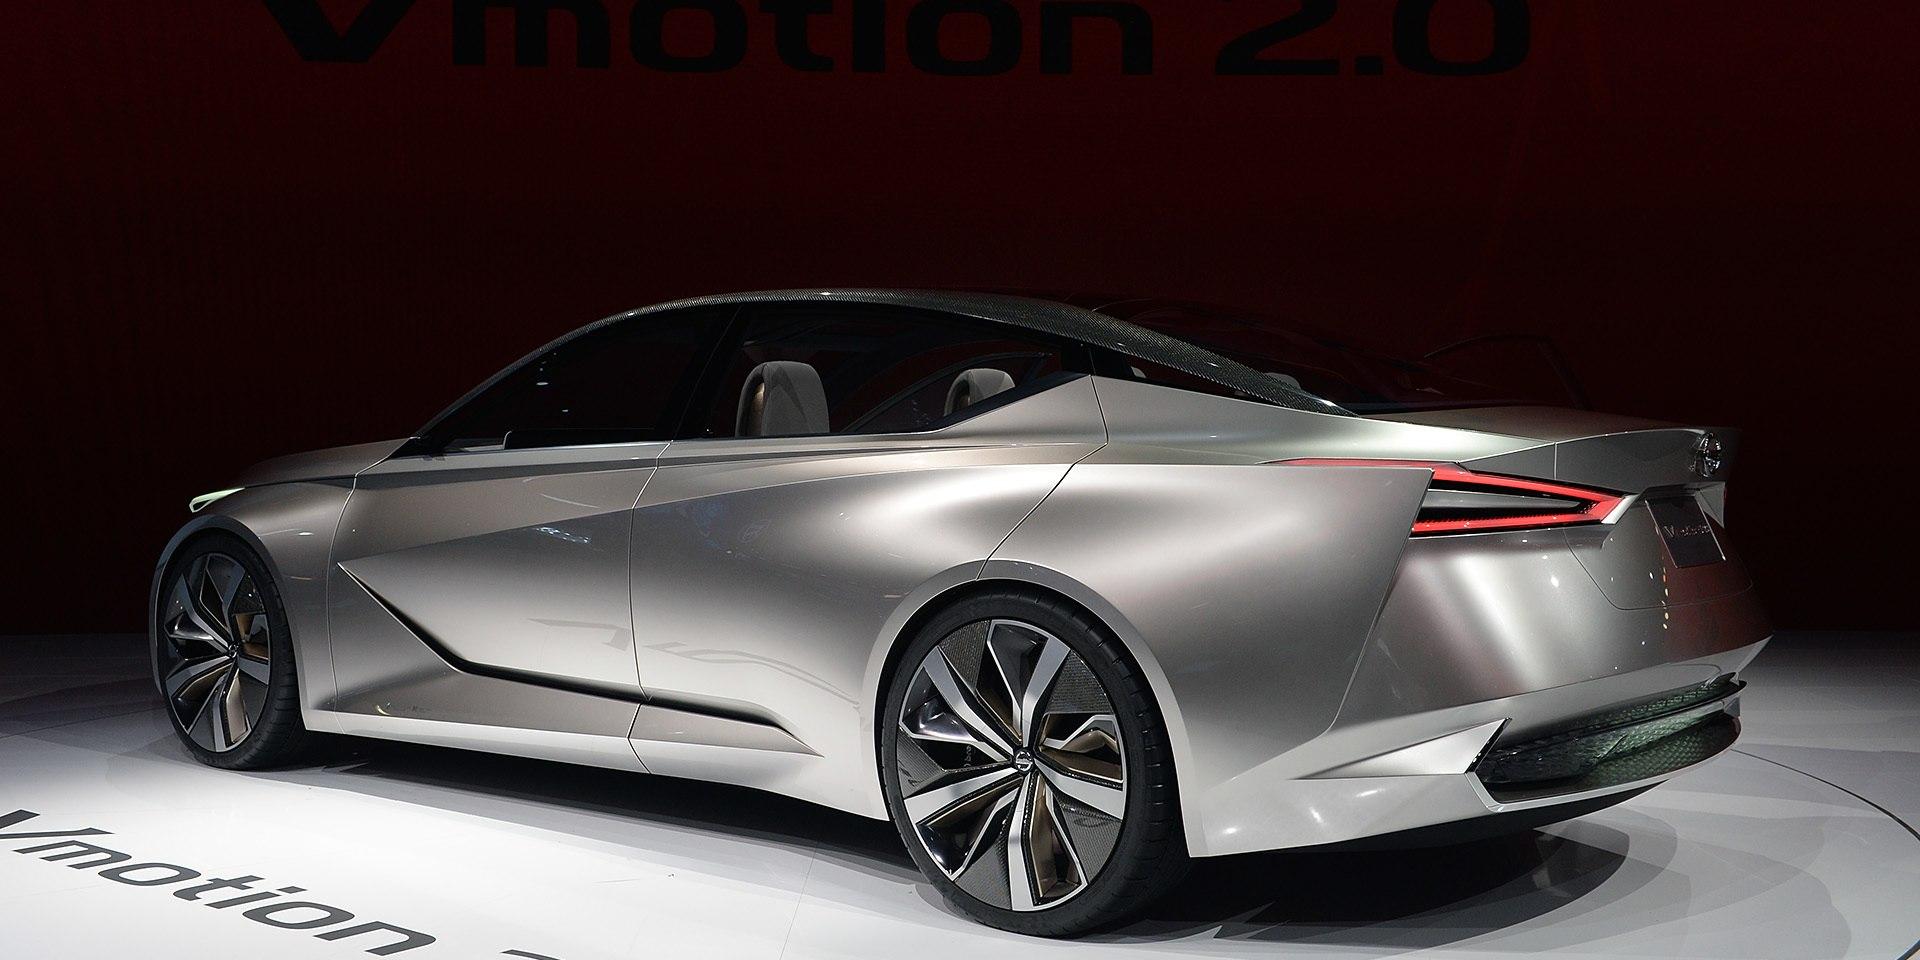 Nissan Altima 2019 модельного года: рестайлинг седана рекомендации